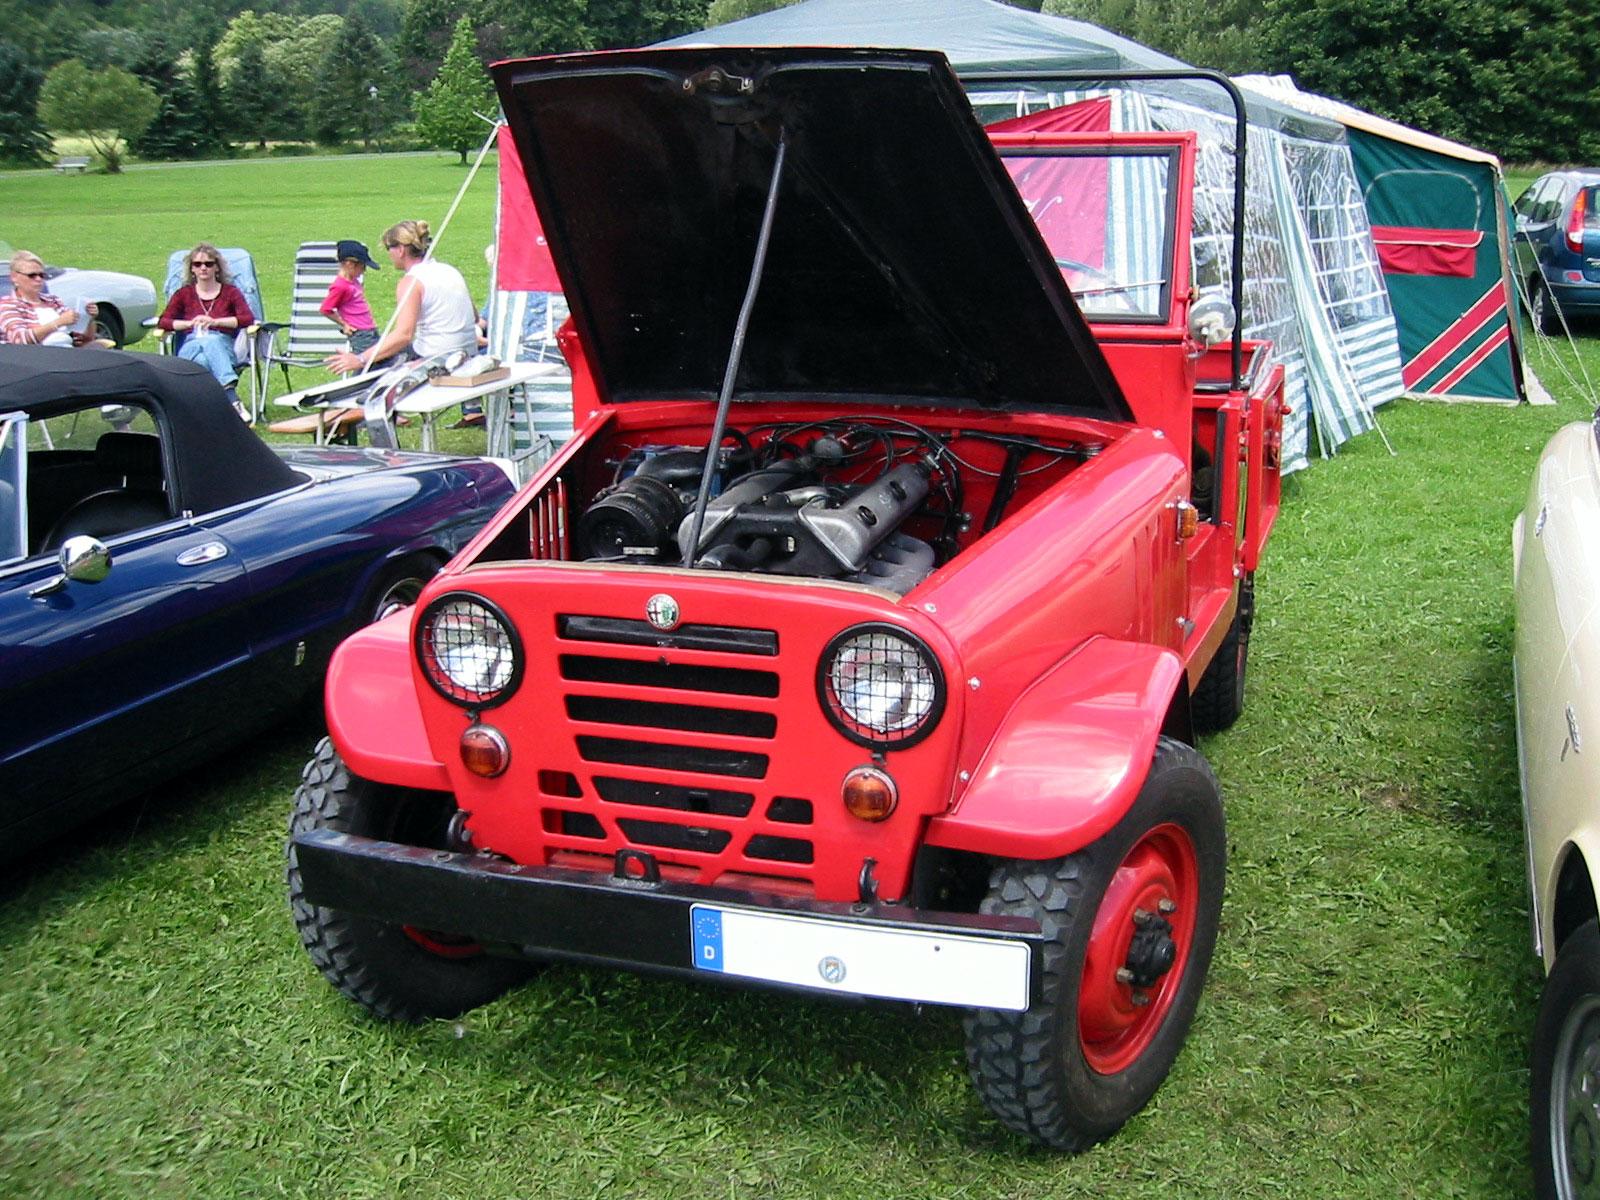 Lancia ed Alfa Romeo, quale sarà il loro futuro?  - Pagina 2 Alfa_romeo_gel%C3%A4ndewagen